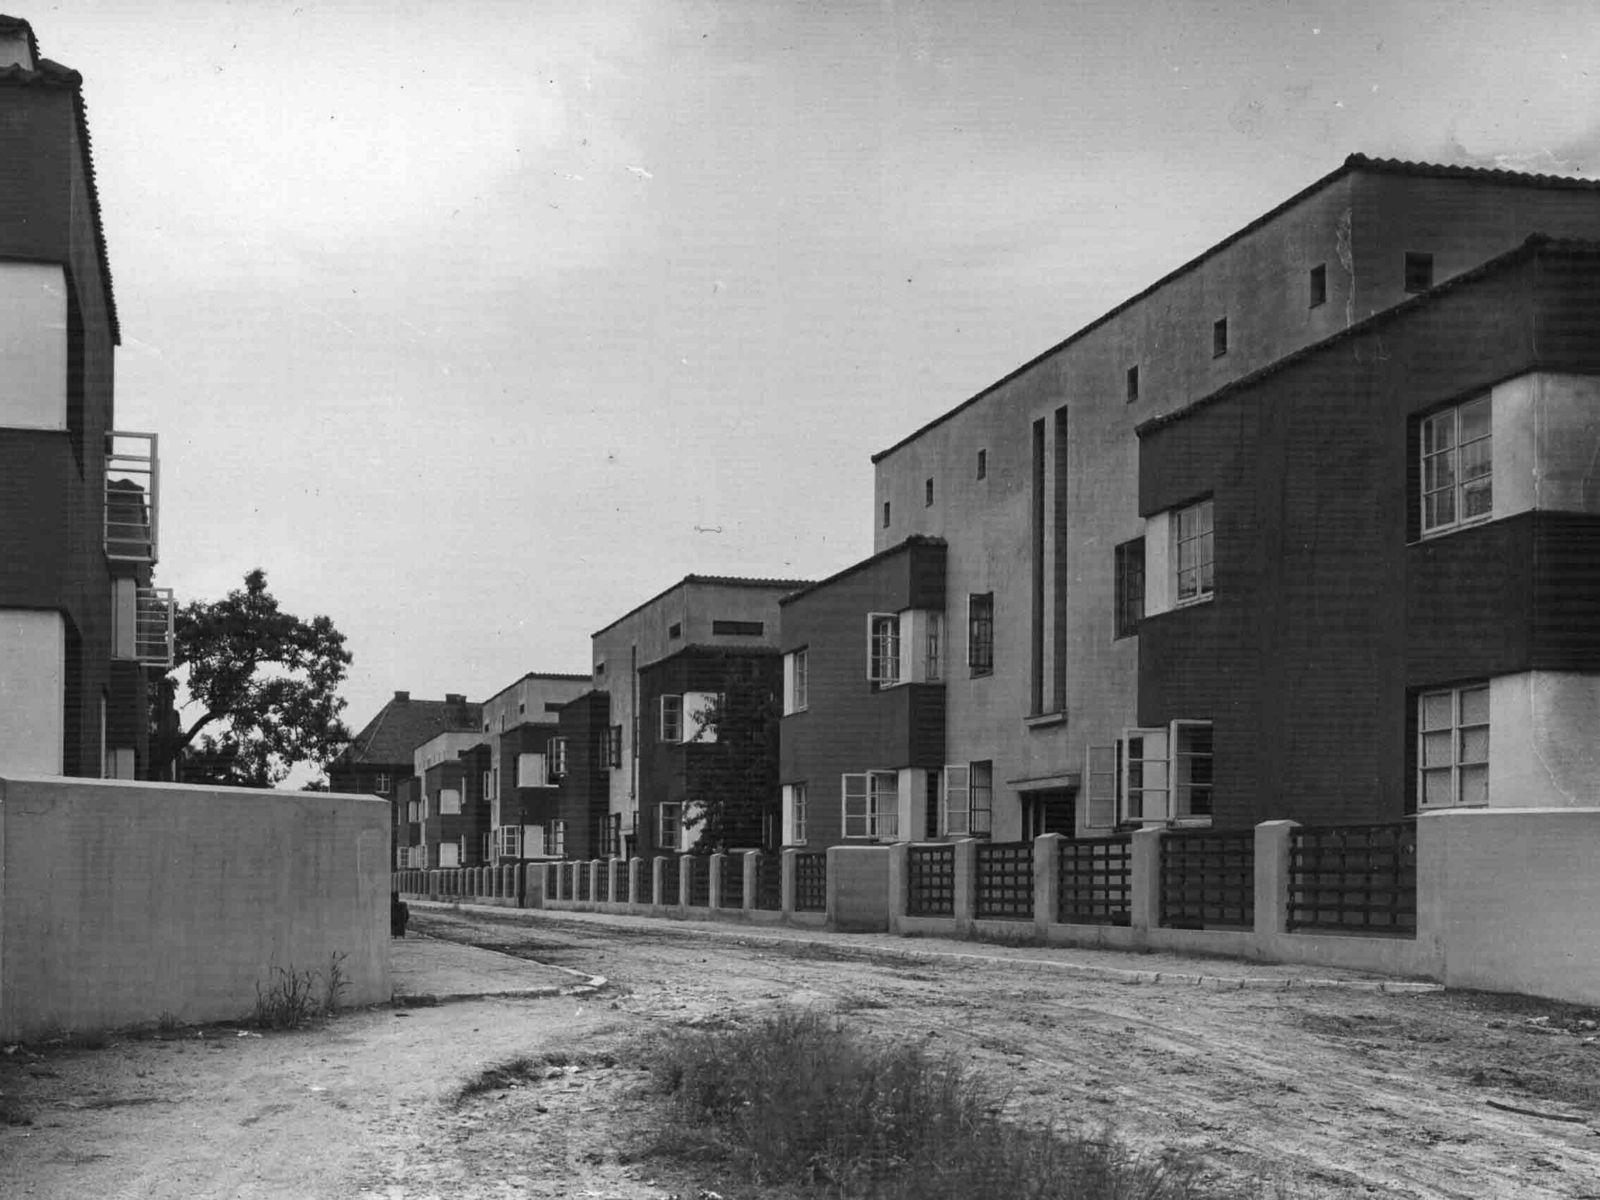 Full Size of Siedlung Italienischer Garten Architektur Celle Liegestuhl Fenster Wohnzimmer Bauhaus Liegestuhl